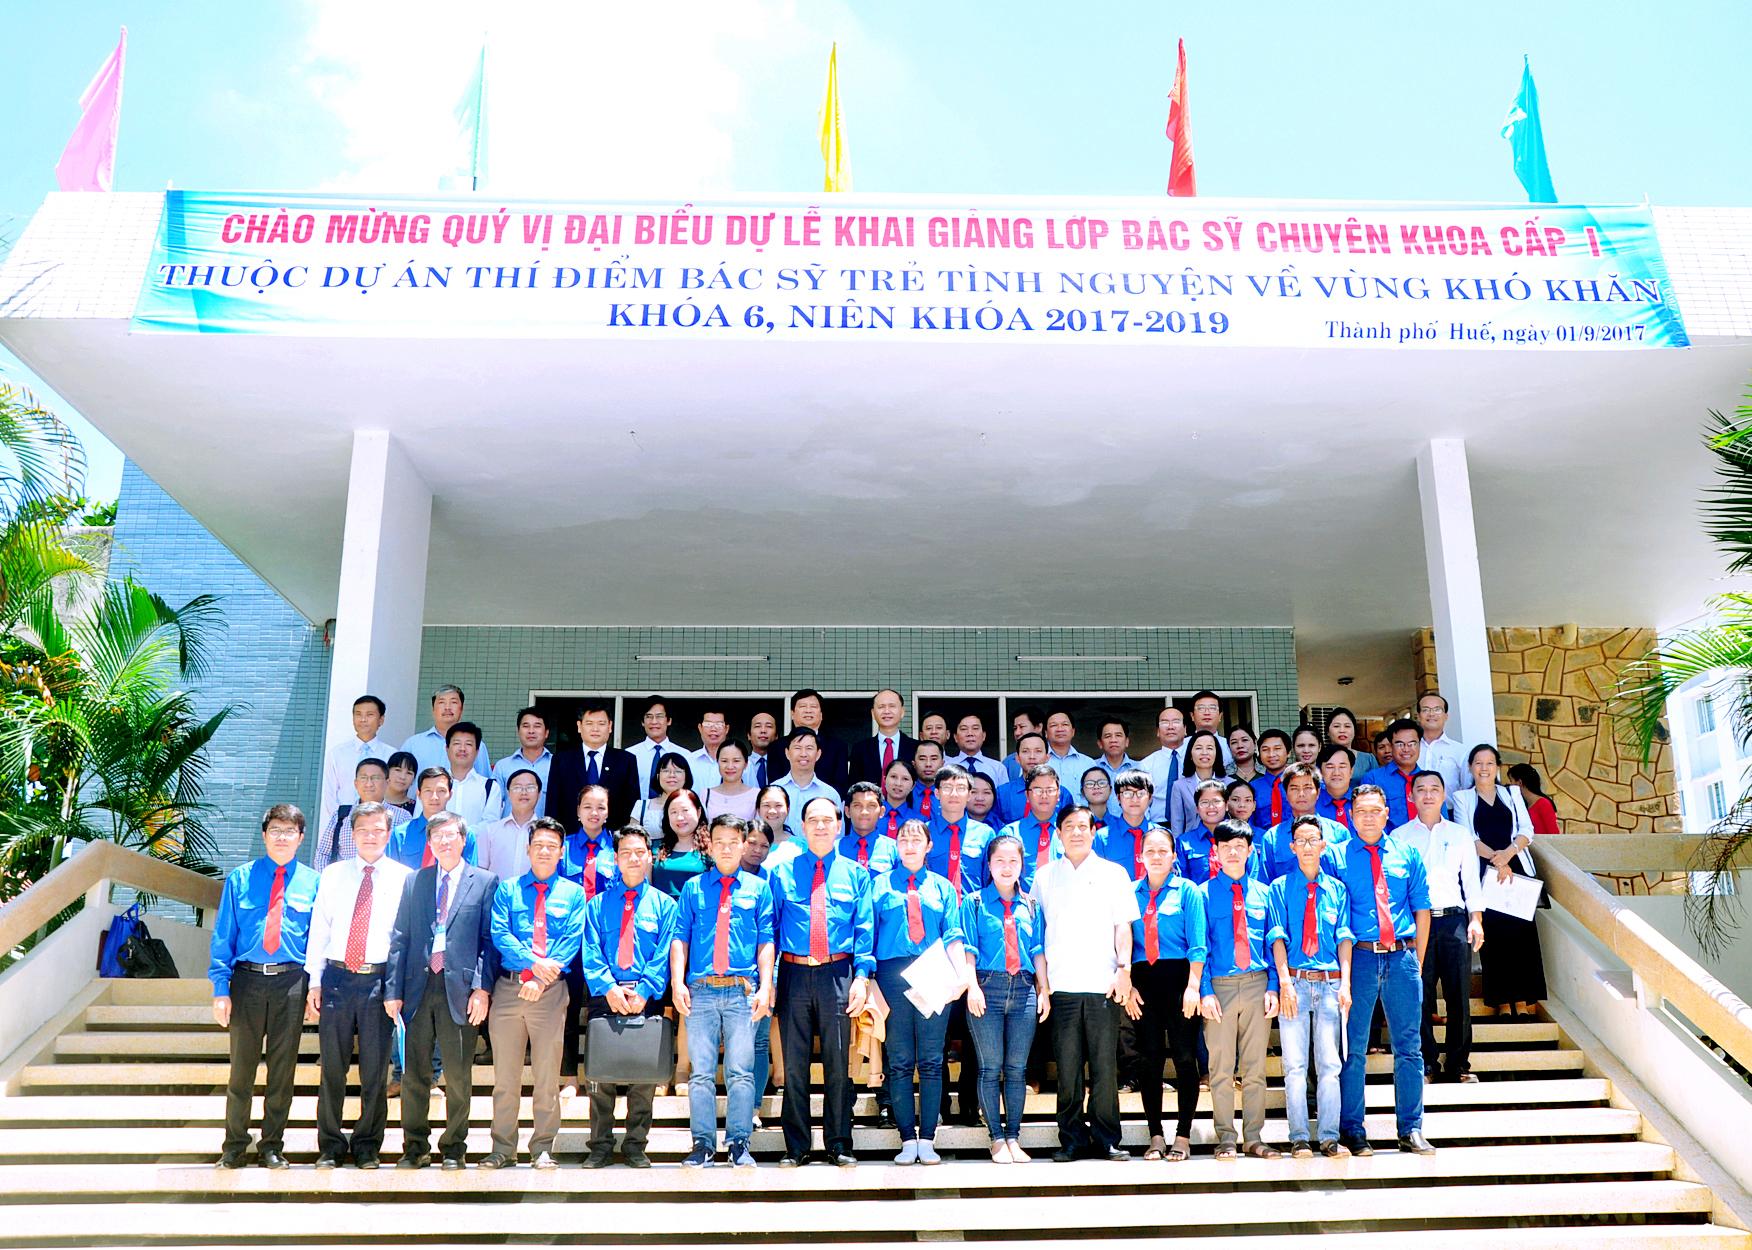 Khai giảng khóa bác sĩ chuyên khoa cấp I cho 29 bác sĩ trẻ tình nguyện công tác tại vùng khó khăn